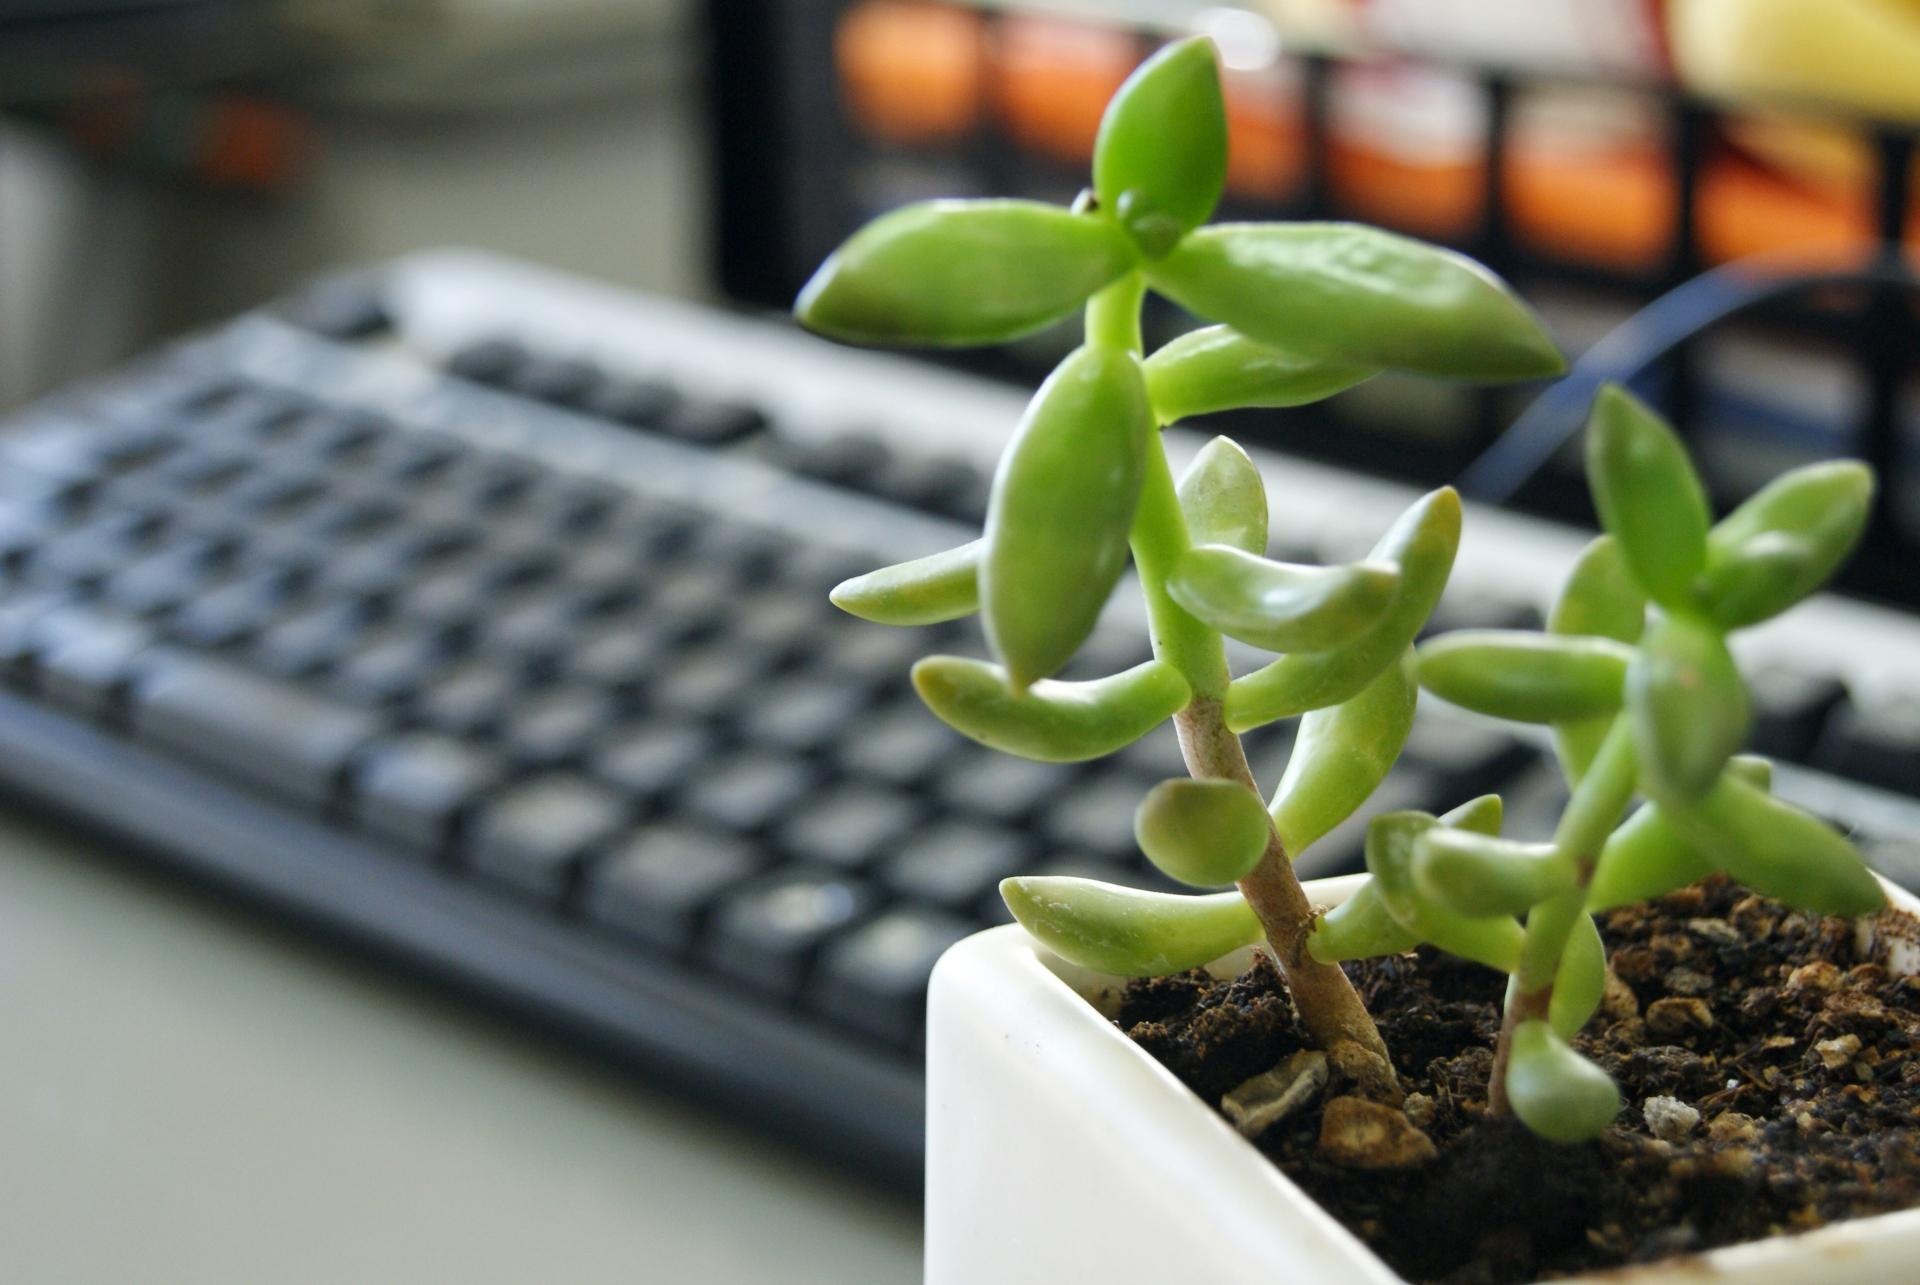 職場のストレスを解消する5つの方法 机の上に「自分の好きなもの」を置いてみよう!